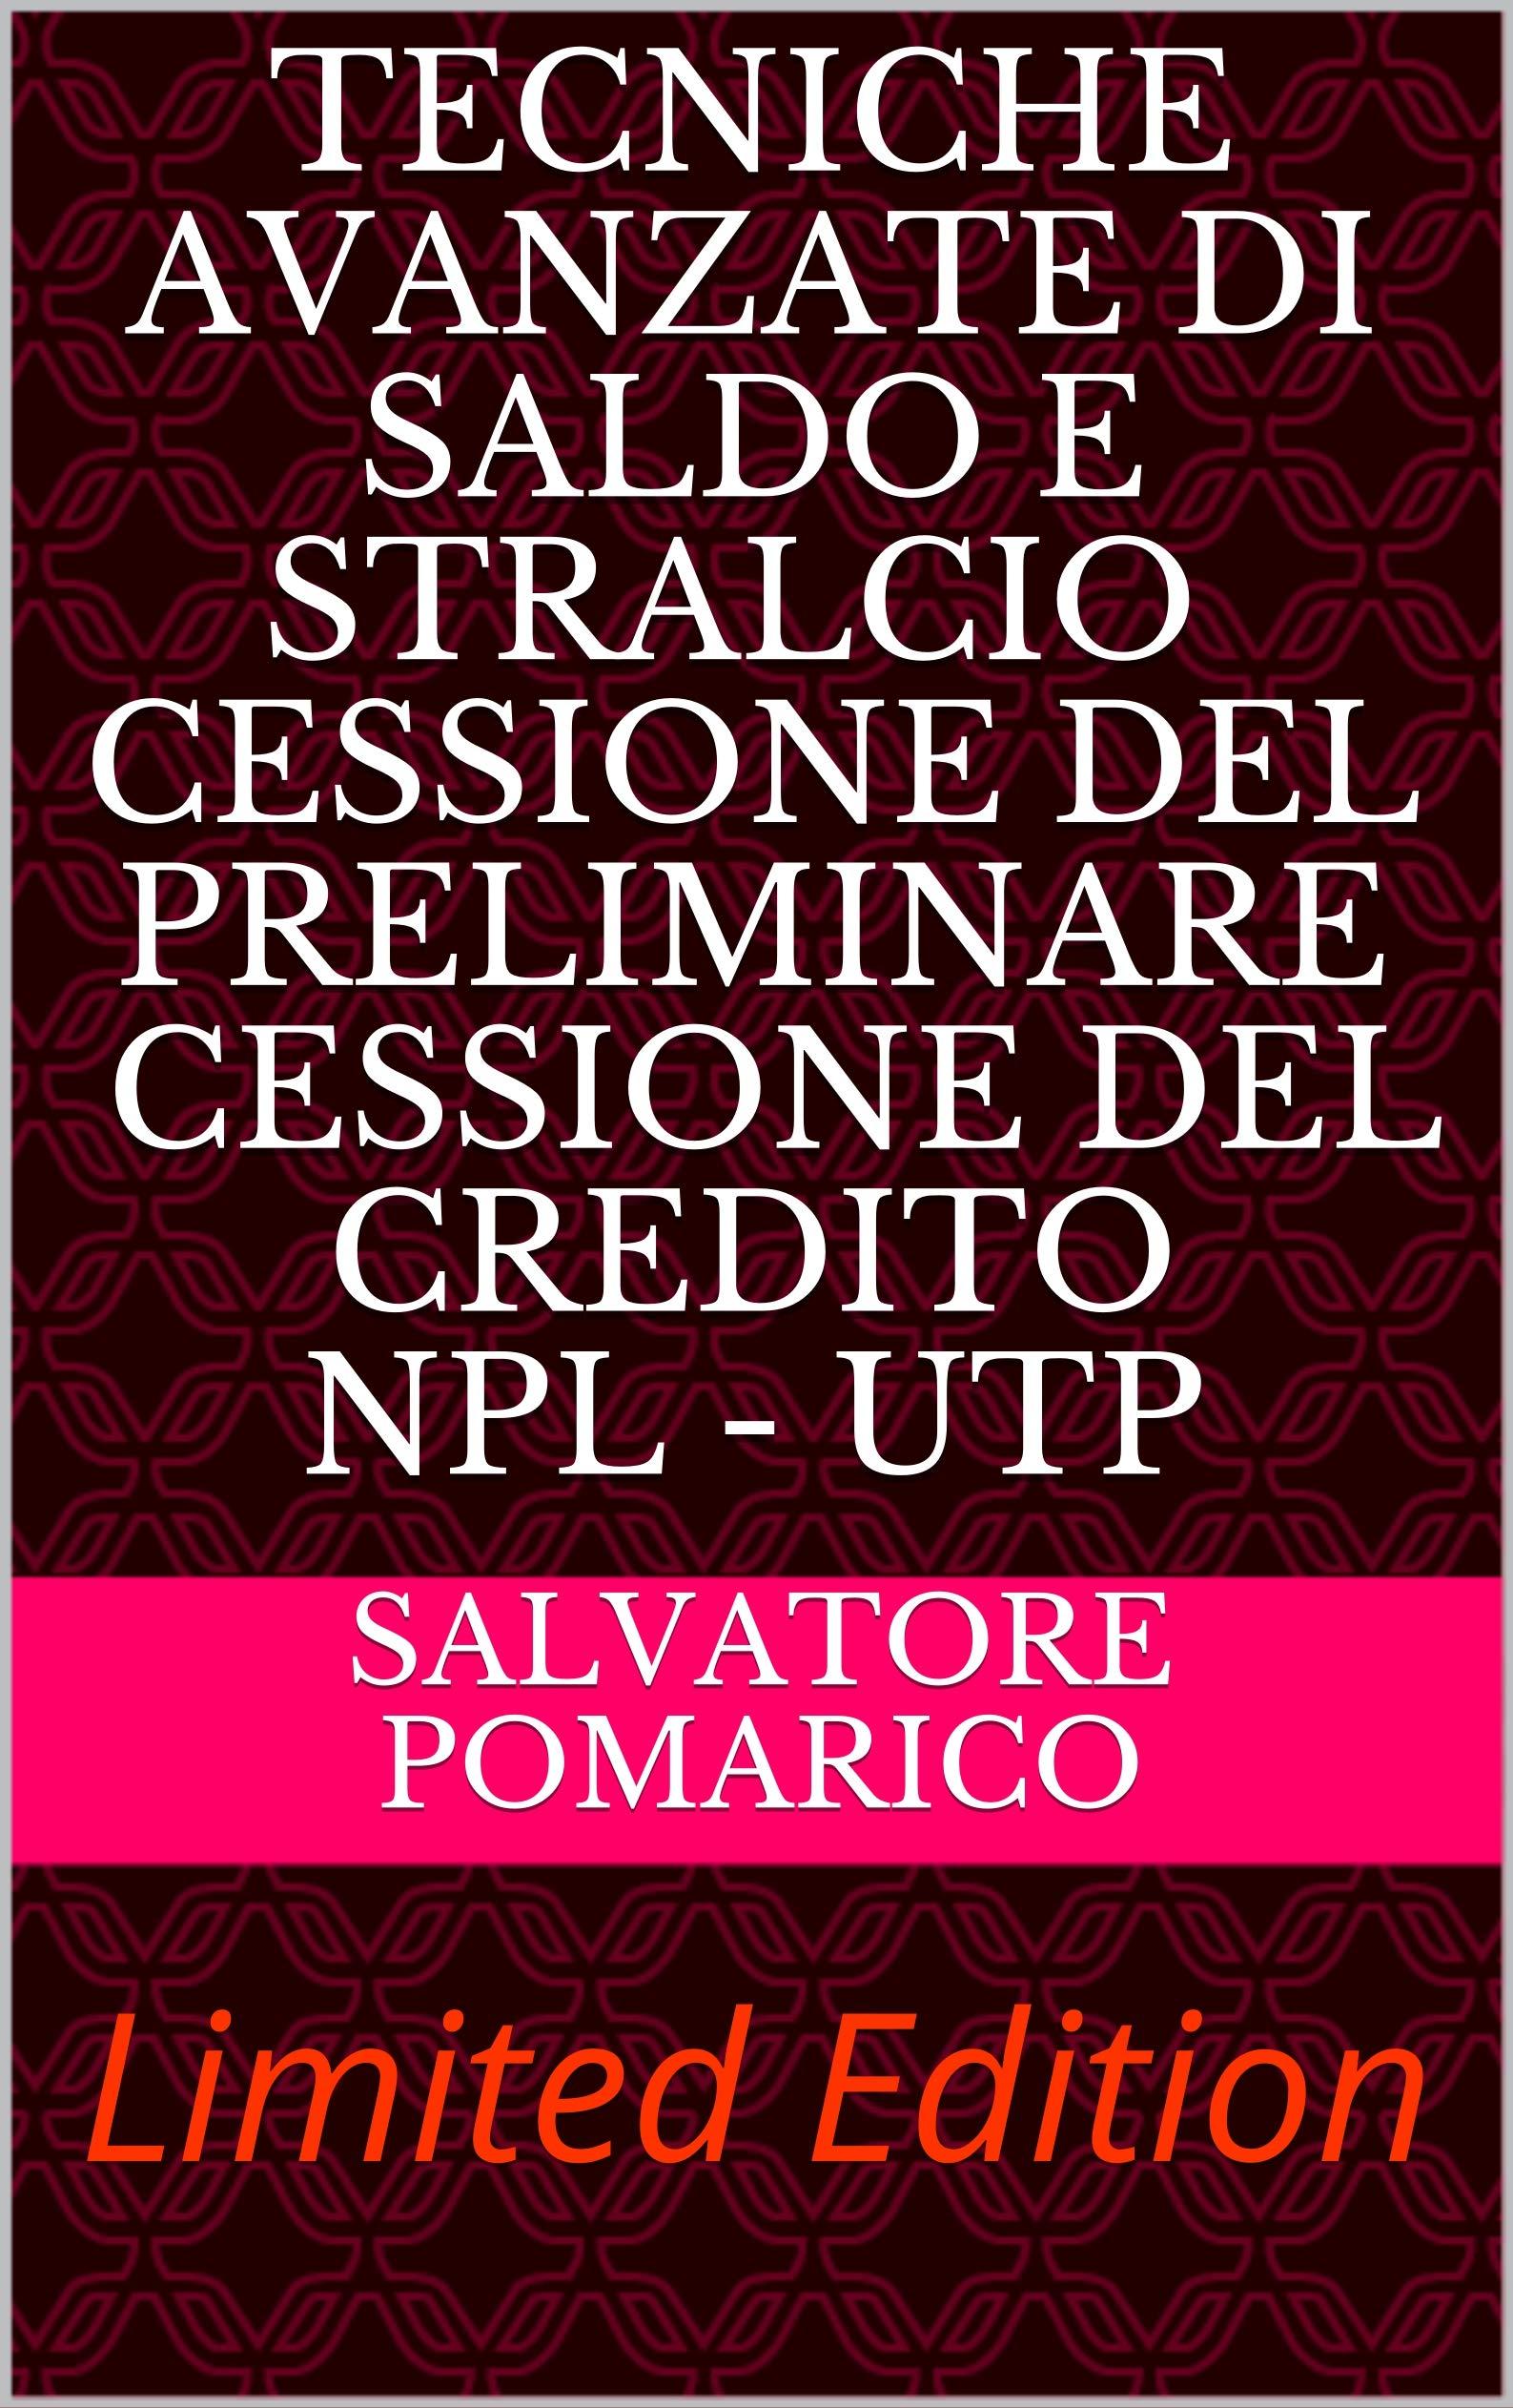 TECNICHE AVANZATE DI SALDO E STRALCIO CESSIONE DEL PRELIMINARE CESSIONE DEL CREDITO NPL - UTP: Limited Edition